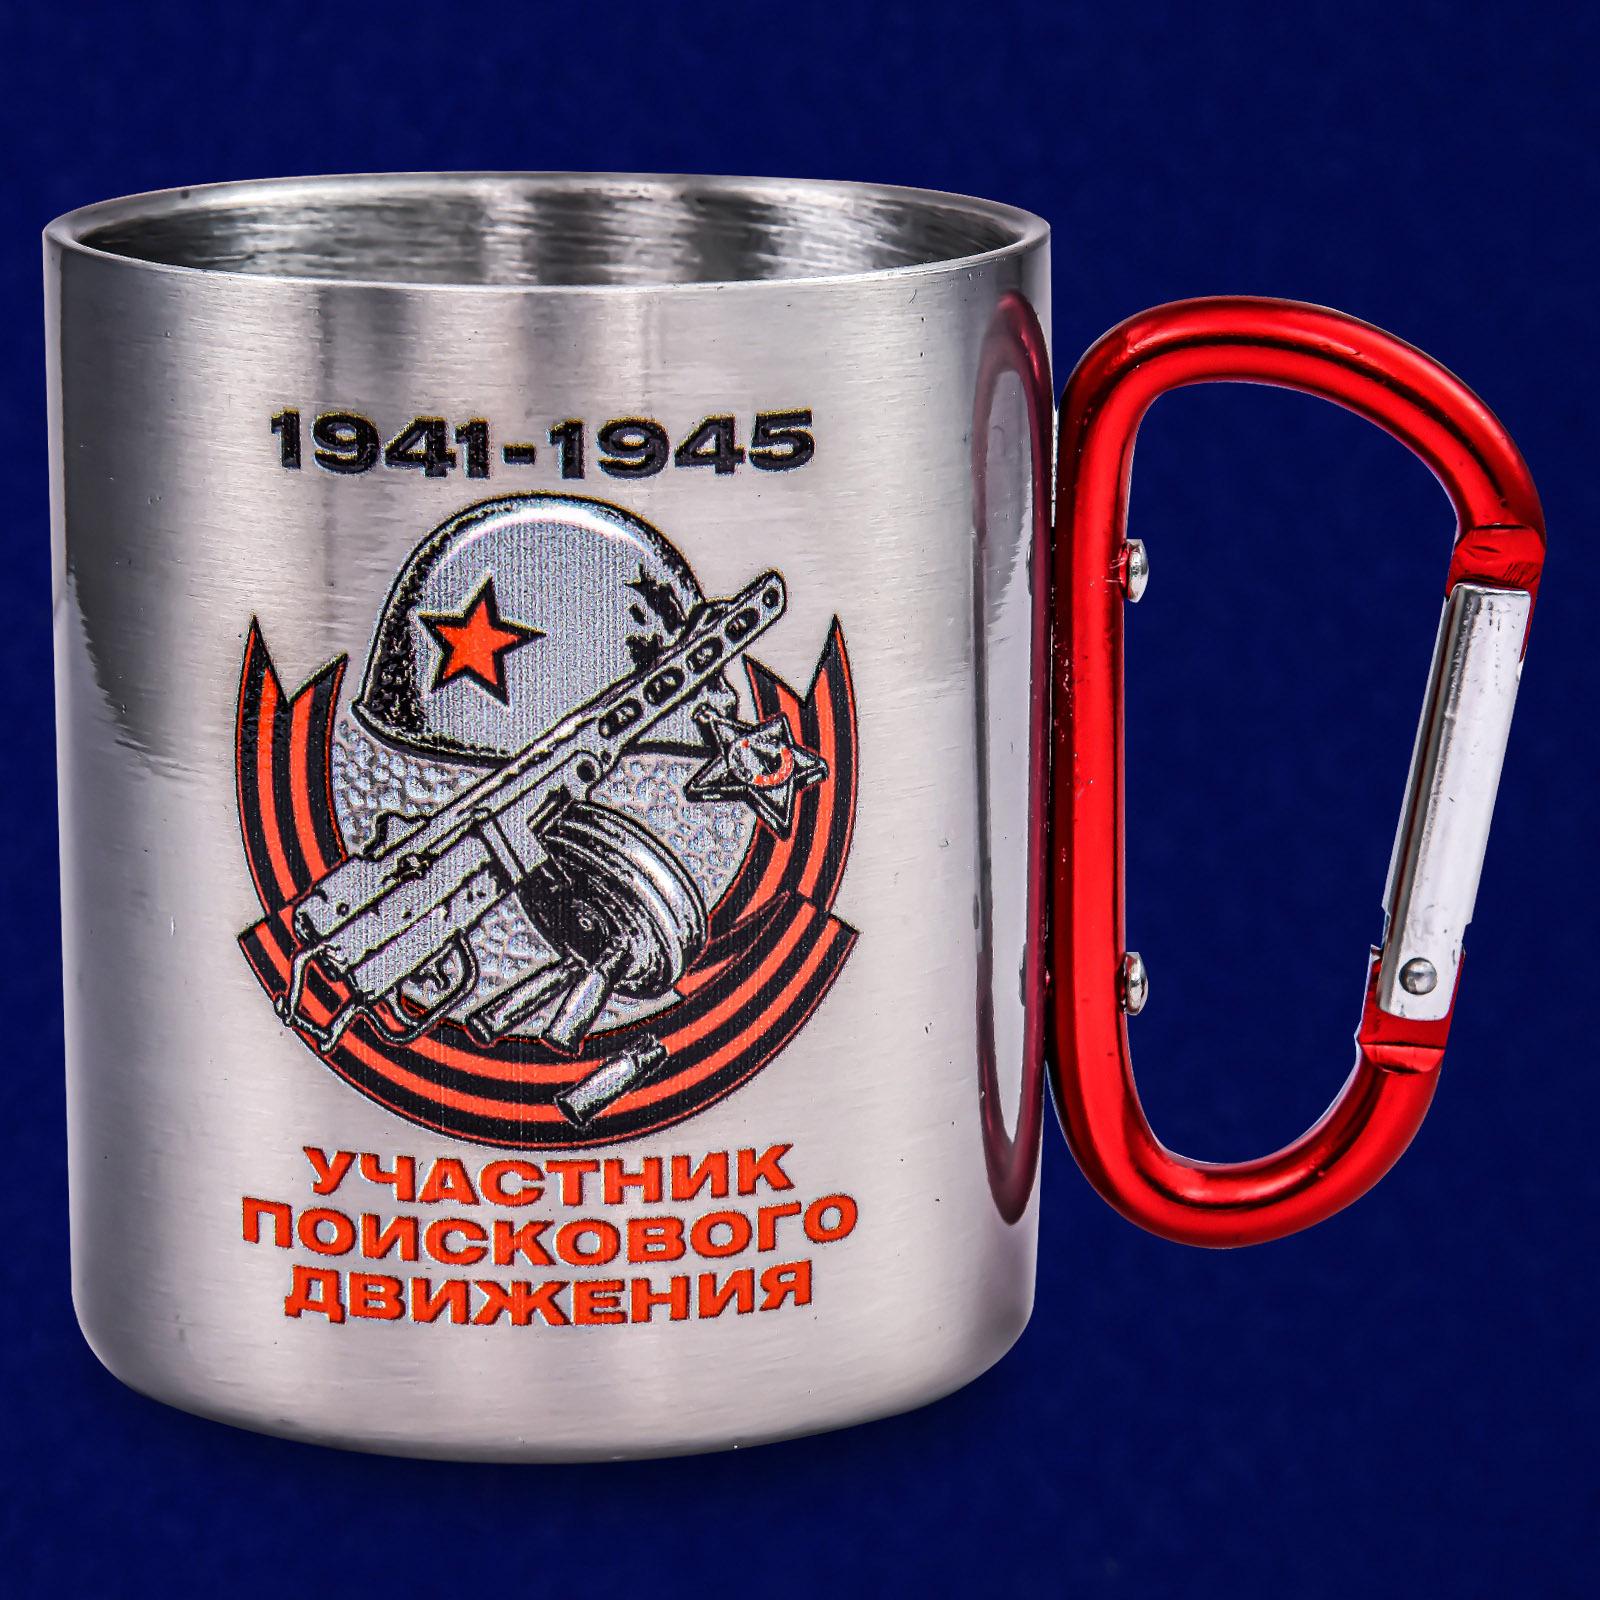 """Подарочная кружка-карабин """"Участник поискового движения"""" - недорого в Военпро"""